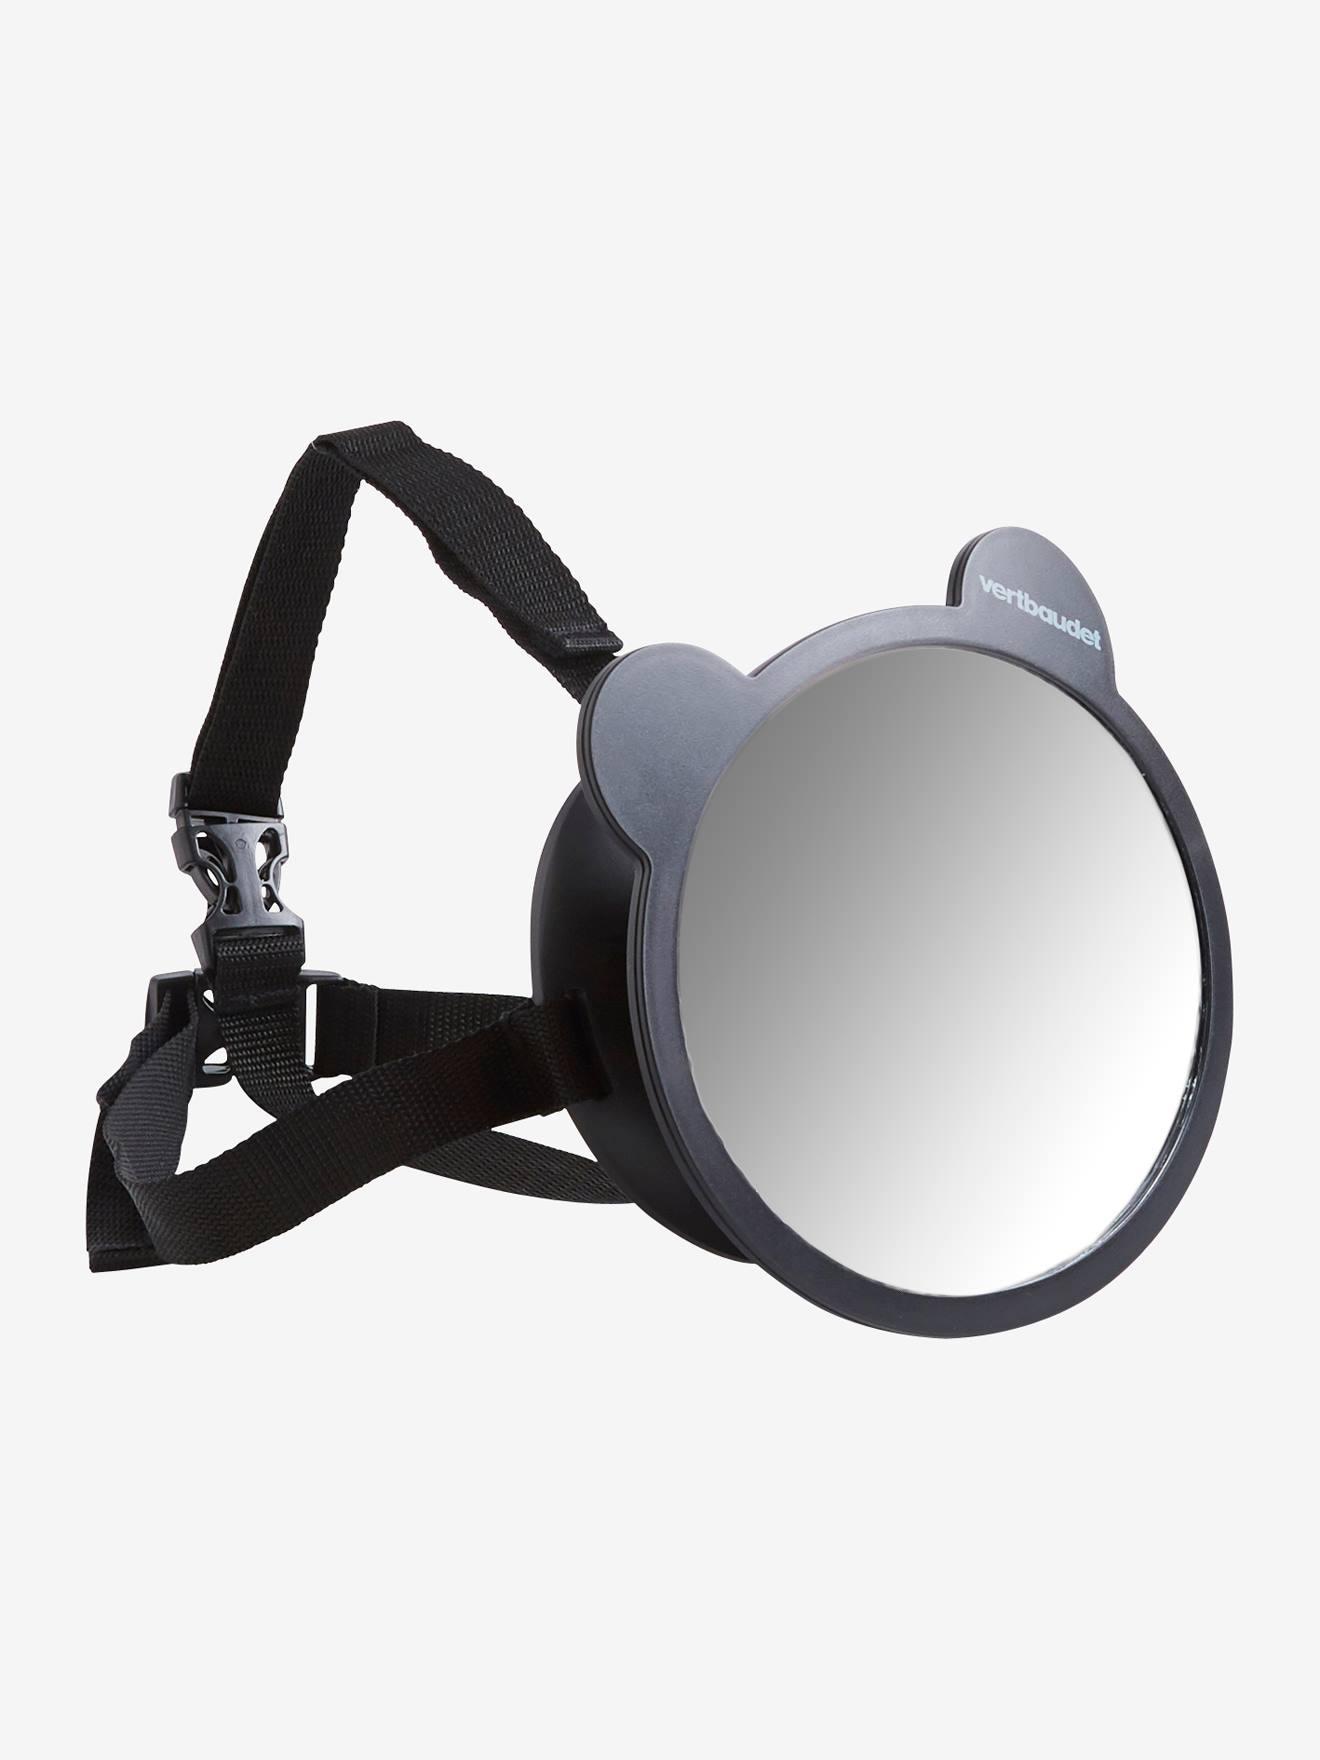 Vertbaudet Auto-Babyspiegel für die Kopfstütze schwarz von vertbaudet